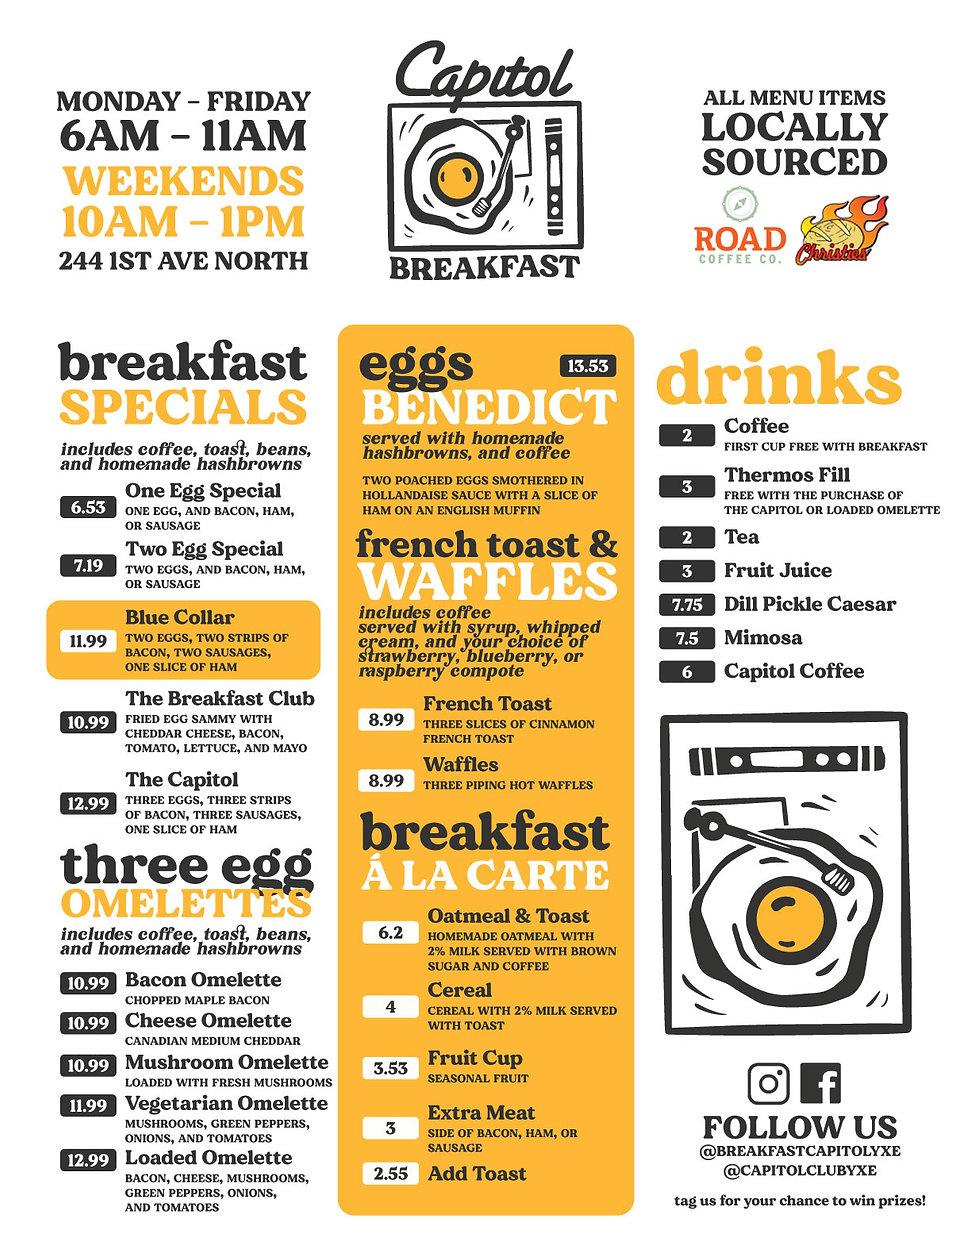 BreakfastCapitolMenuWinter2021.jpg